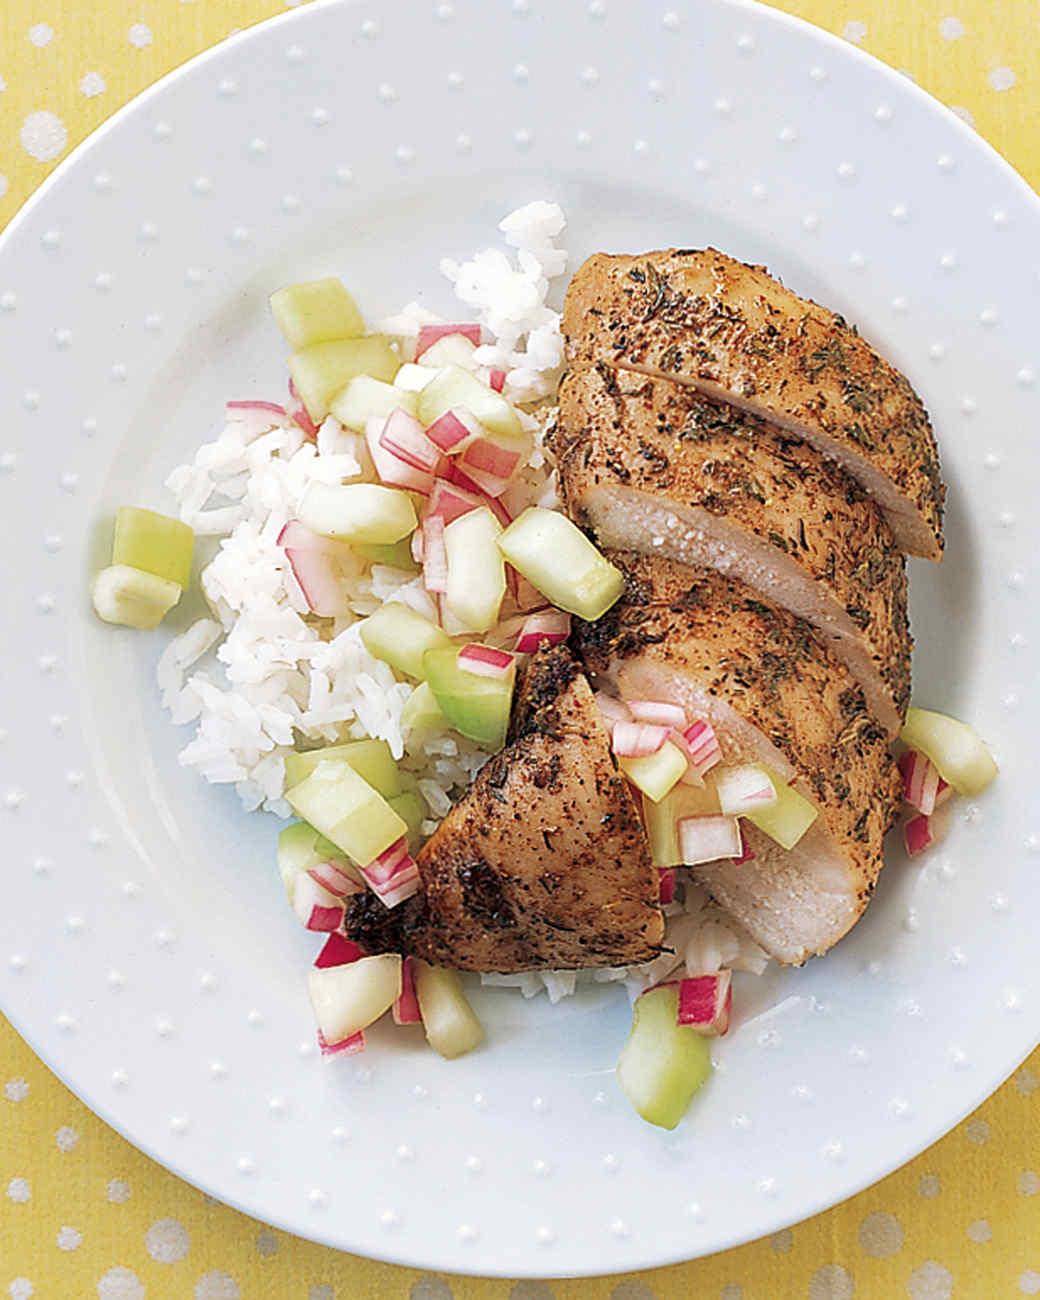 Jerk Chicken with Cucumber Relish